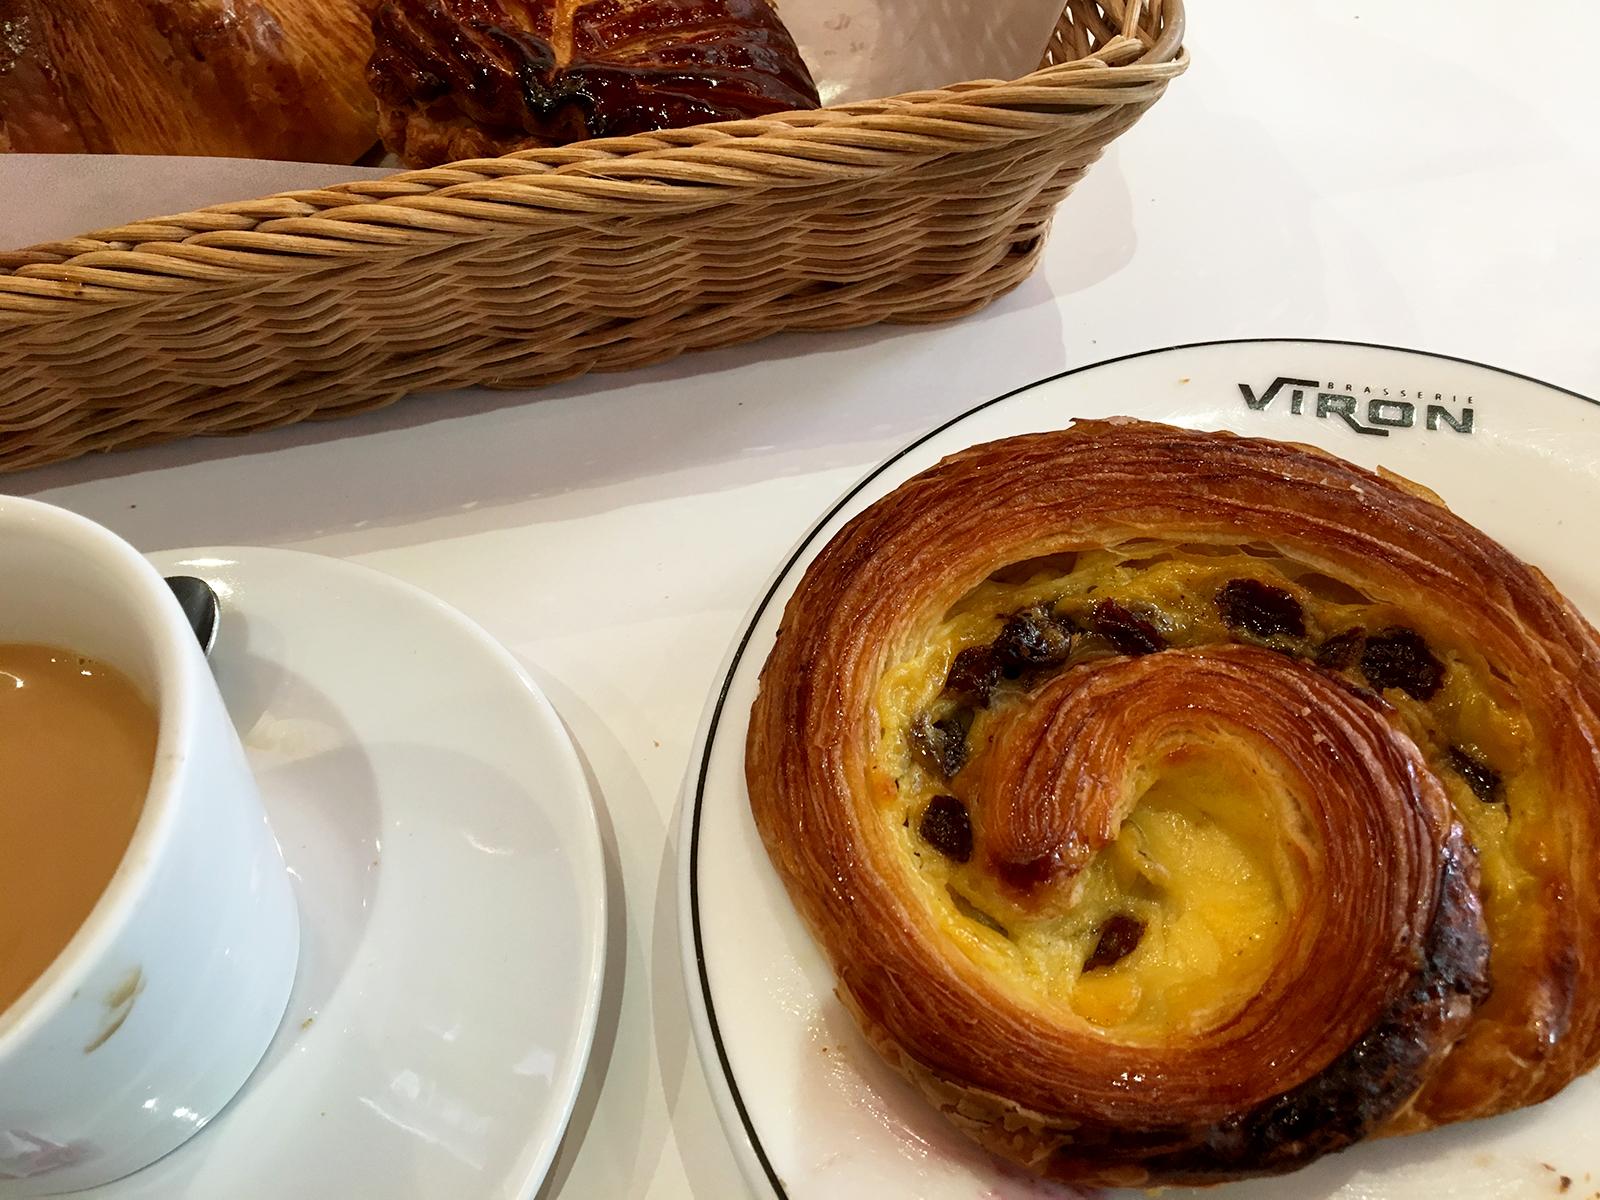 VIRONのパン・オ・レザンをPetit déjeunerで